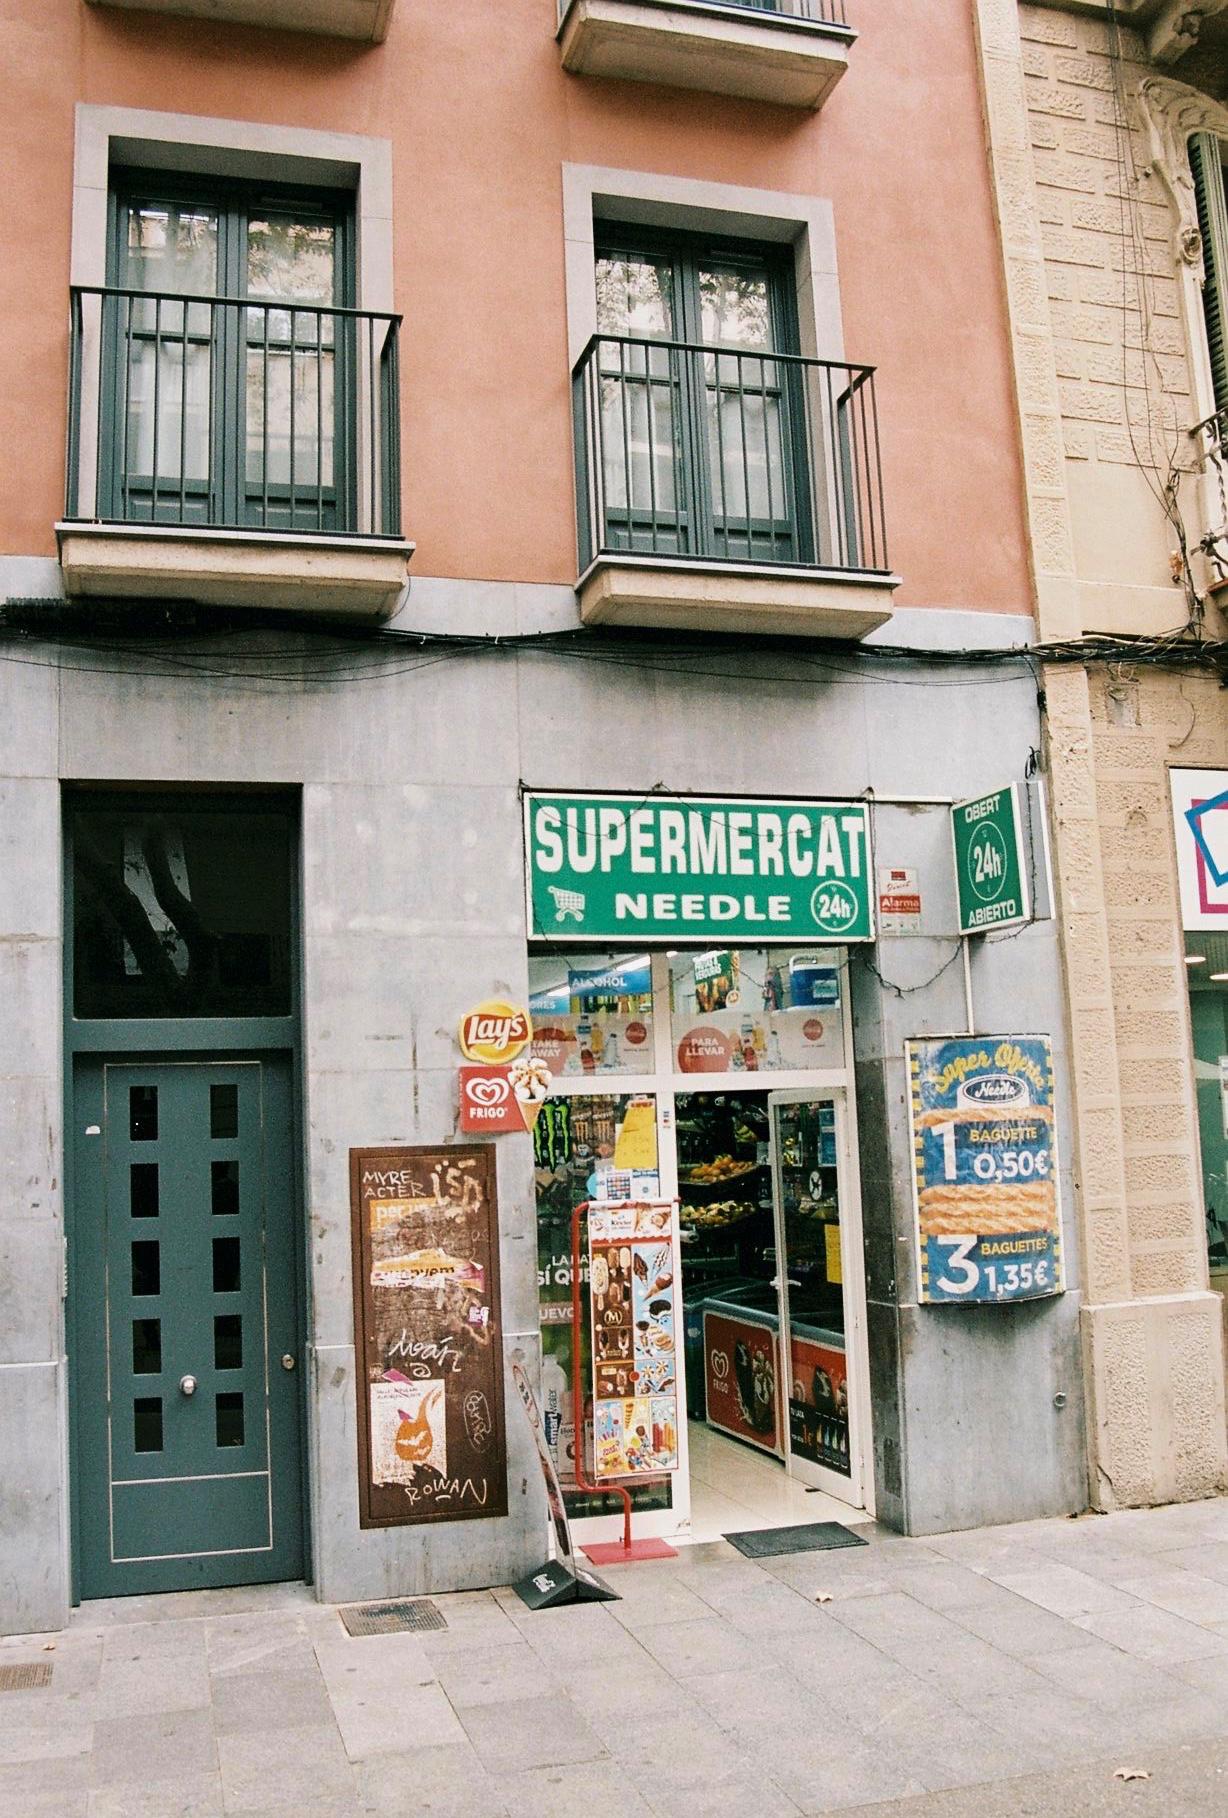 Barcelona 09-2019 - 2 of 25